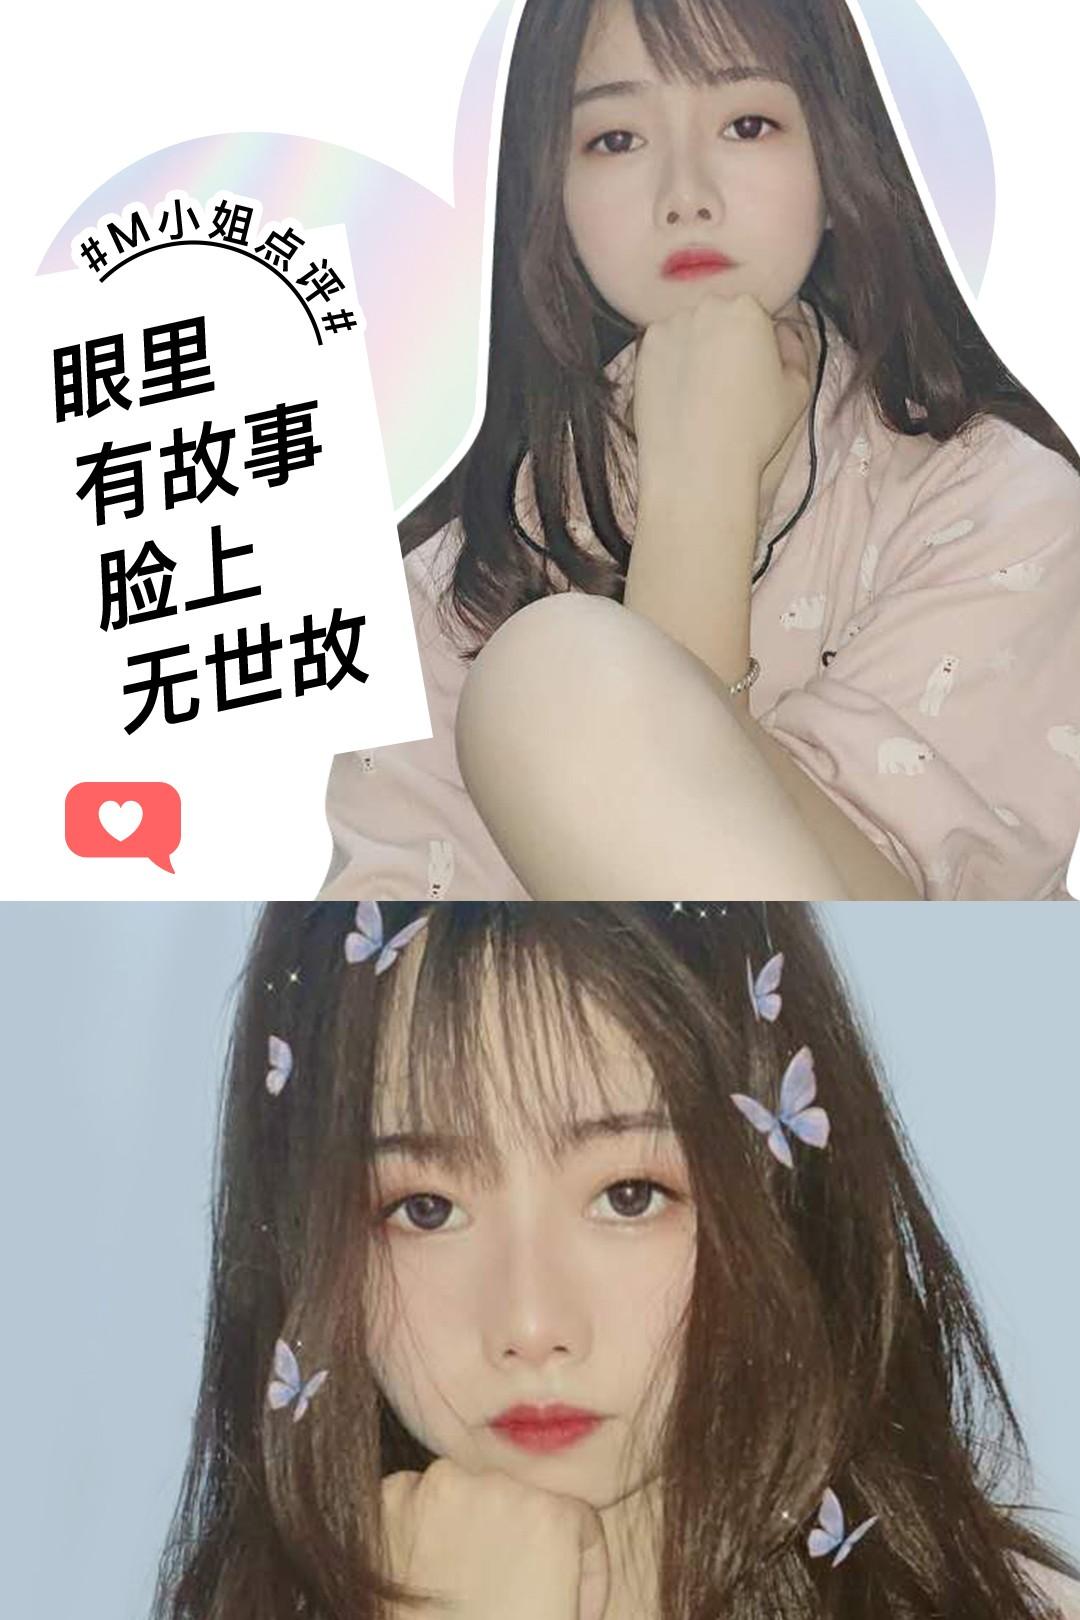 霸屏7夕的芳心纵火犯,miomi瞳模评选公布(图)_6